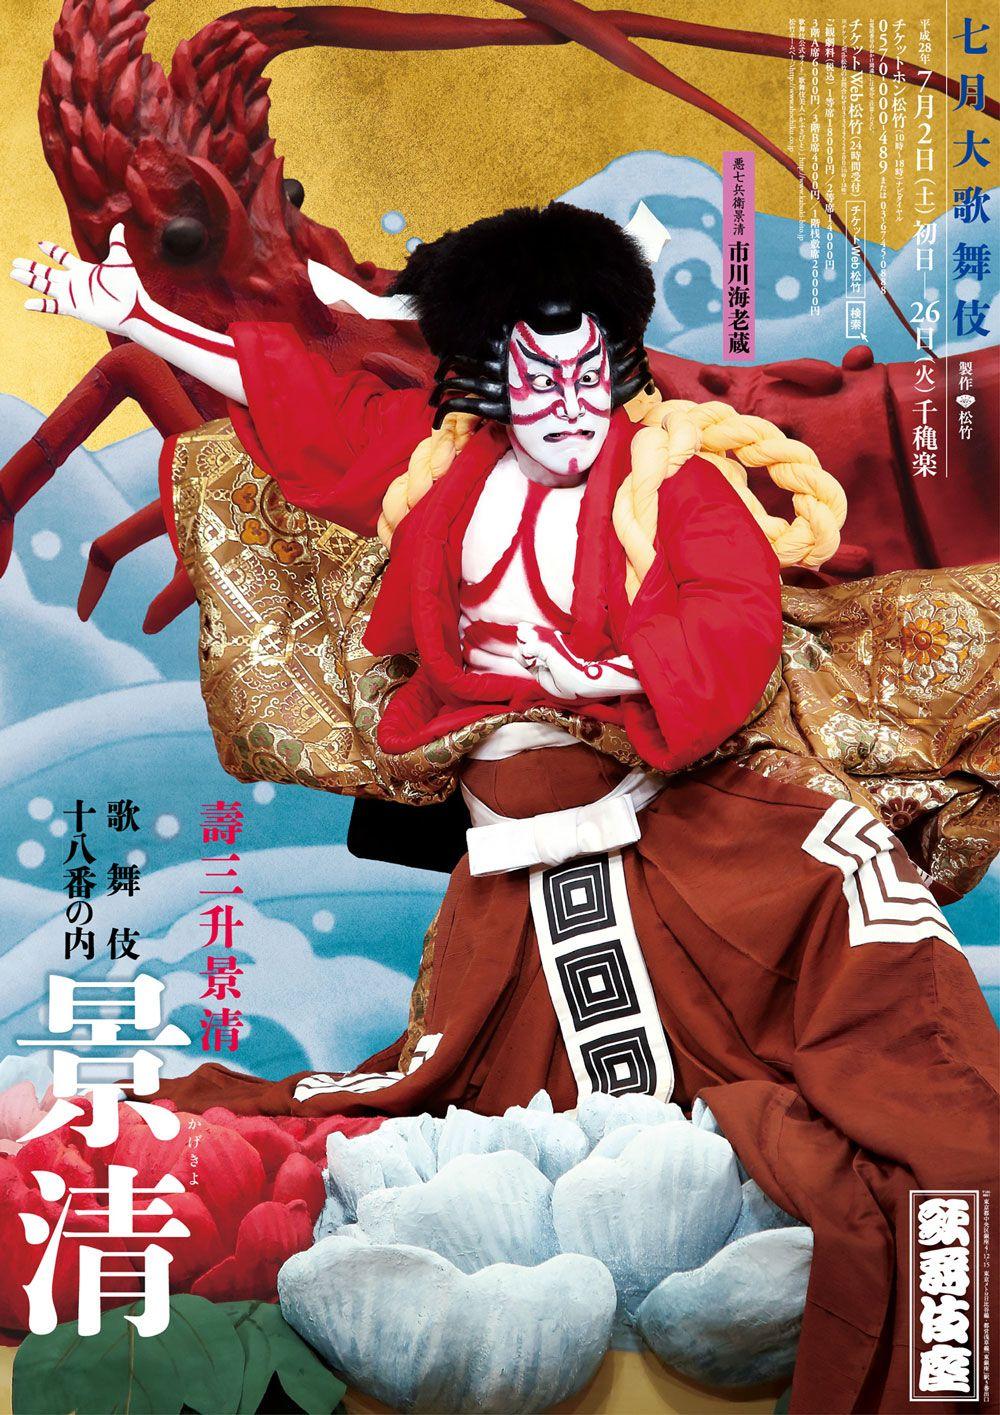 歌舞伎座 七月大歌舞伎 夜の部の特別ポスター公開 歌舞伎美人 かぶきびと 日本史 日本美術 海老蔵